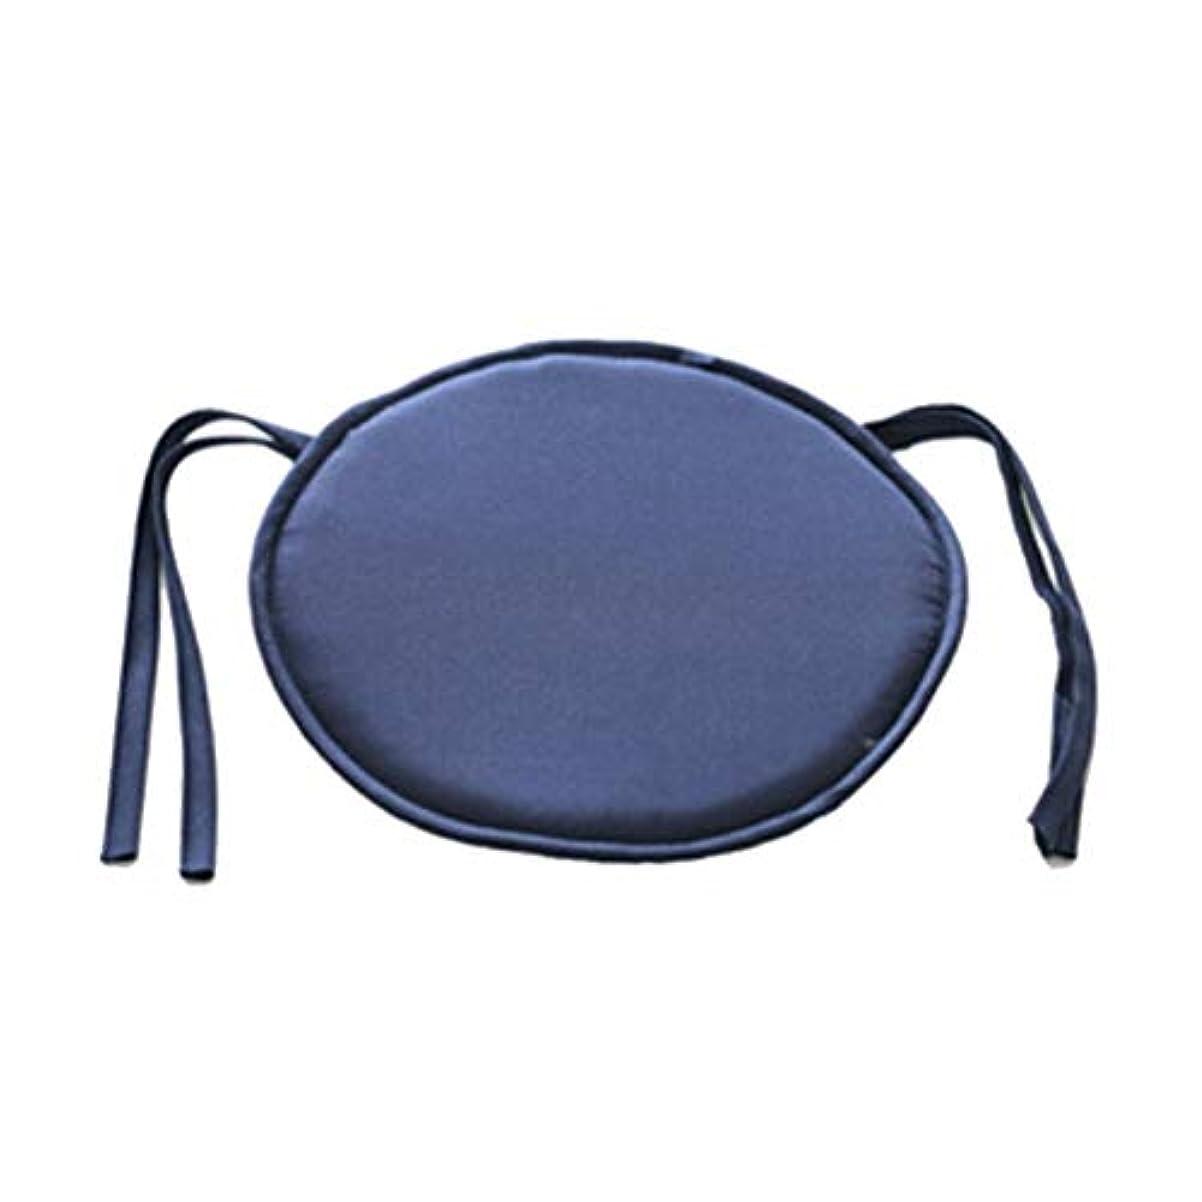 実装する運営洪水LIFE ホット販売ラウンドチェアクッション屋内ポップパティオオフィスチェアシートパッドネクタイスクエアガーデンキッチンダイニングクッション クッション 椅子